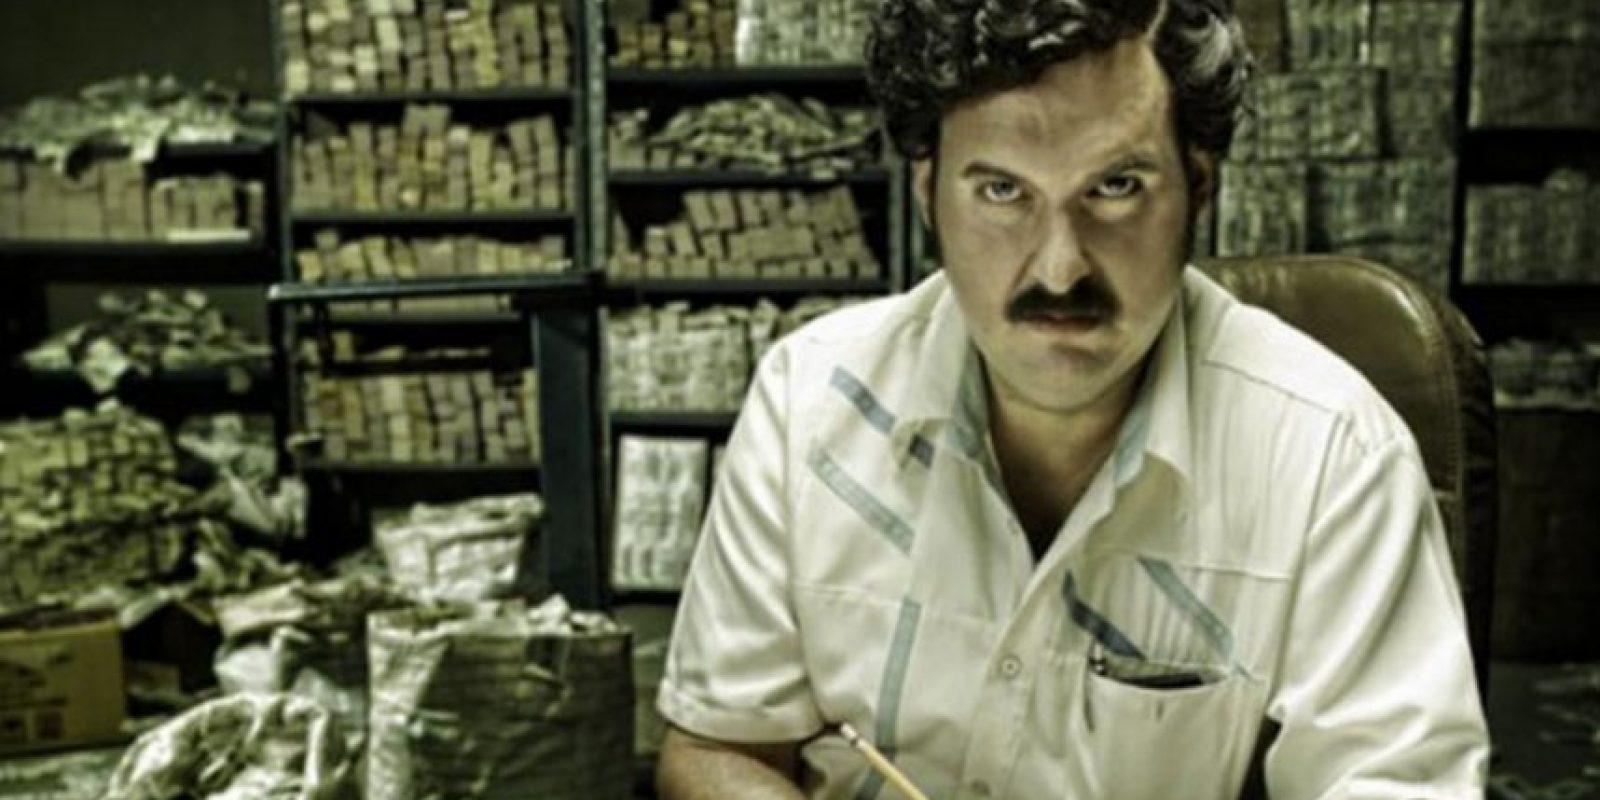 """La serie """"Escobar, el Patrón del Mal"""", aunque se esforzó en mostrar con rigor la malignidad y el terror de este hombre, dejó en muchos televidentes extranjeros la idea de que el capo era gracioso y un modelo a seguir. Foto:Canal Caracol. Imagen Por:"""